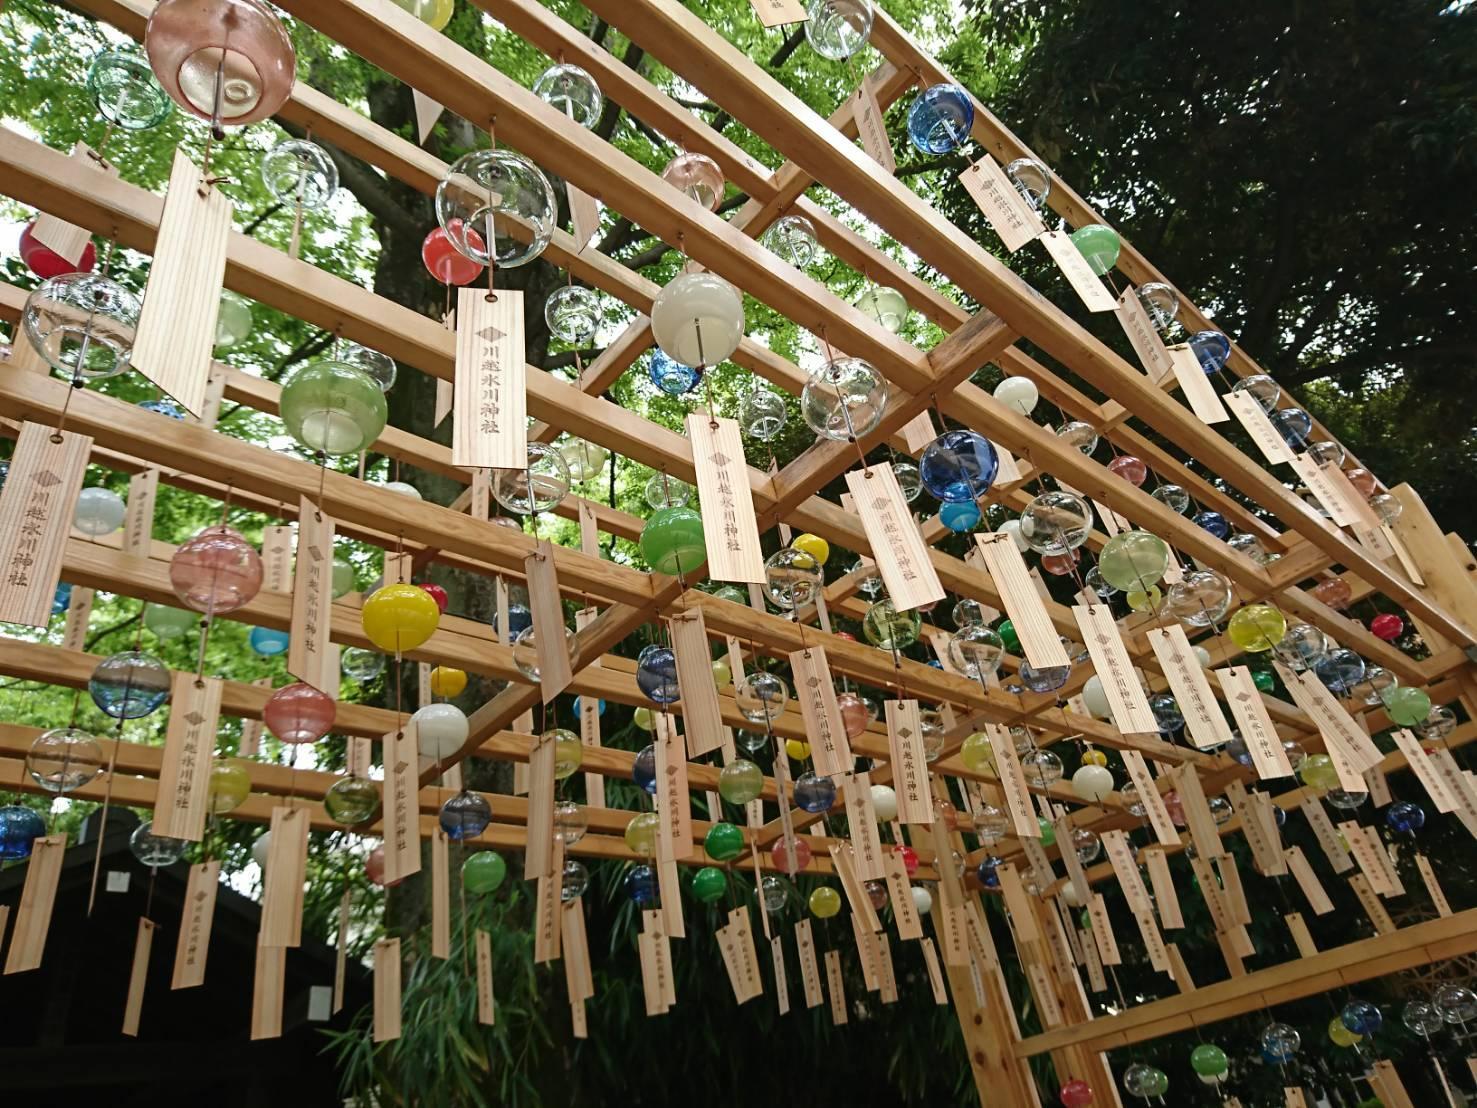 小江戸プチ旅!五感で感じる夏の涼 _1_1-1